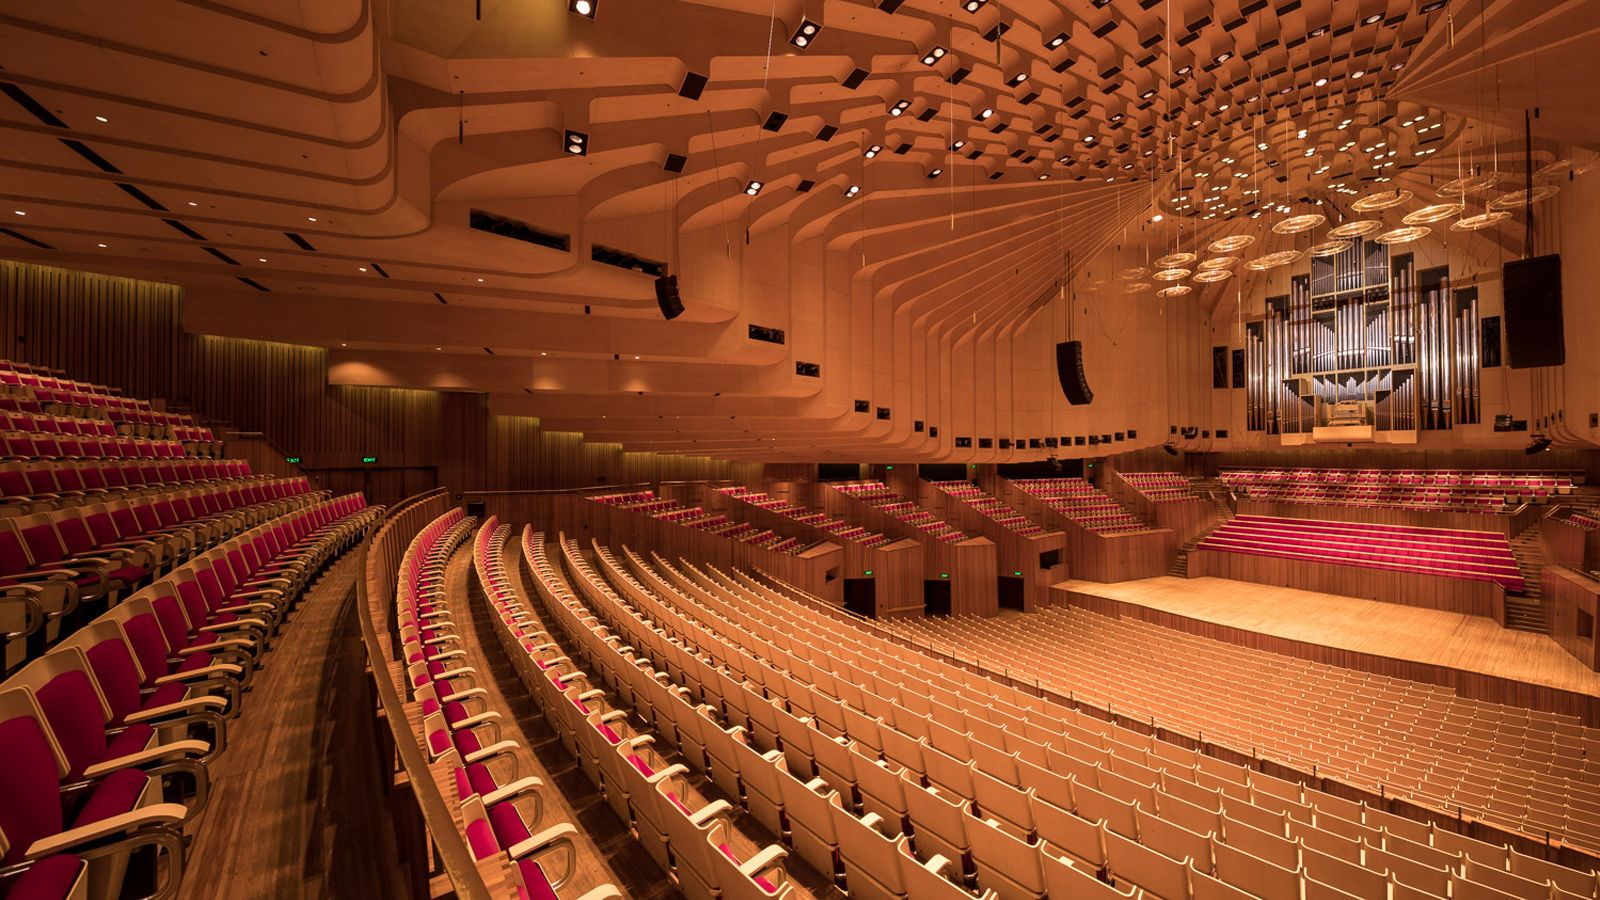 ним подошла фото самых больших концертных залов внешним